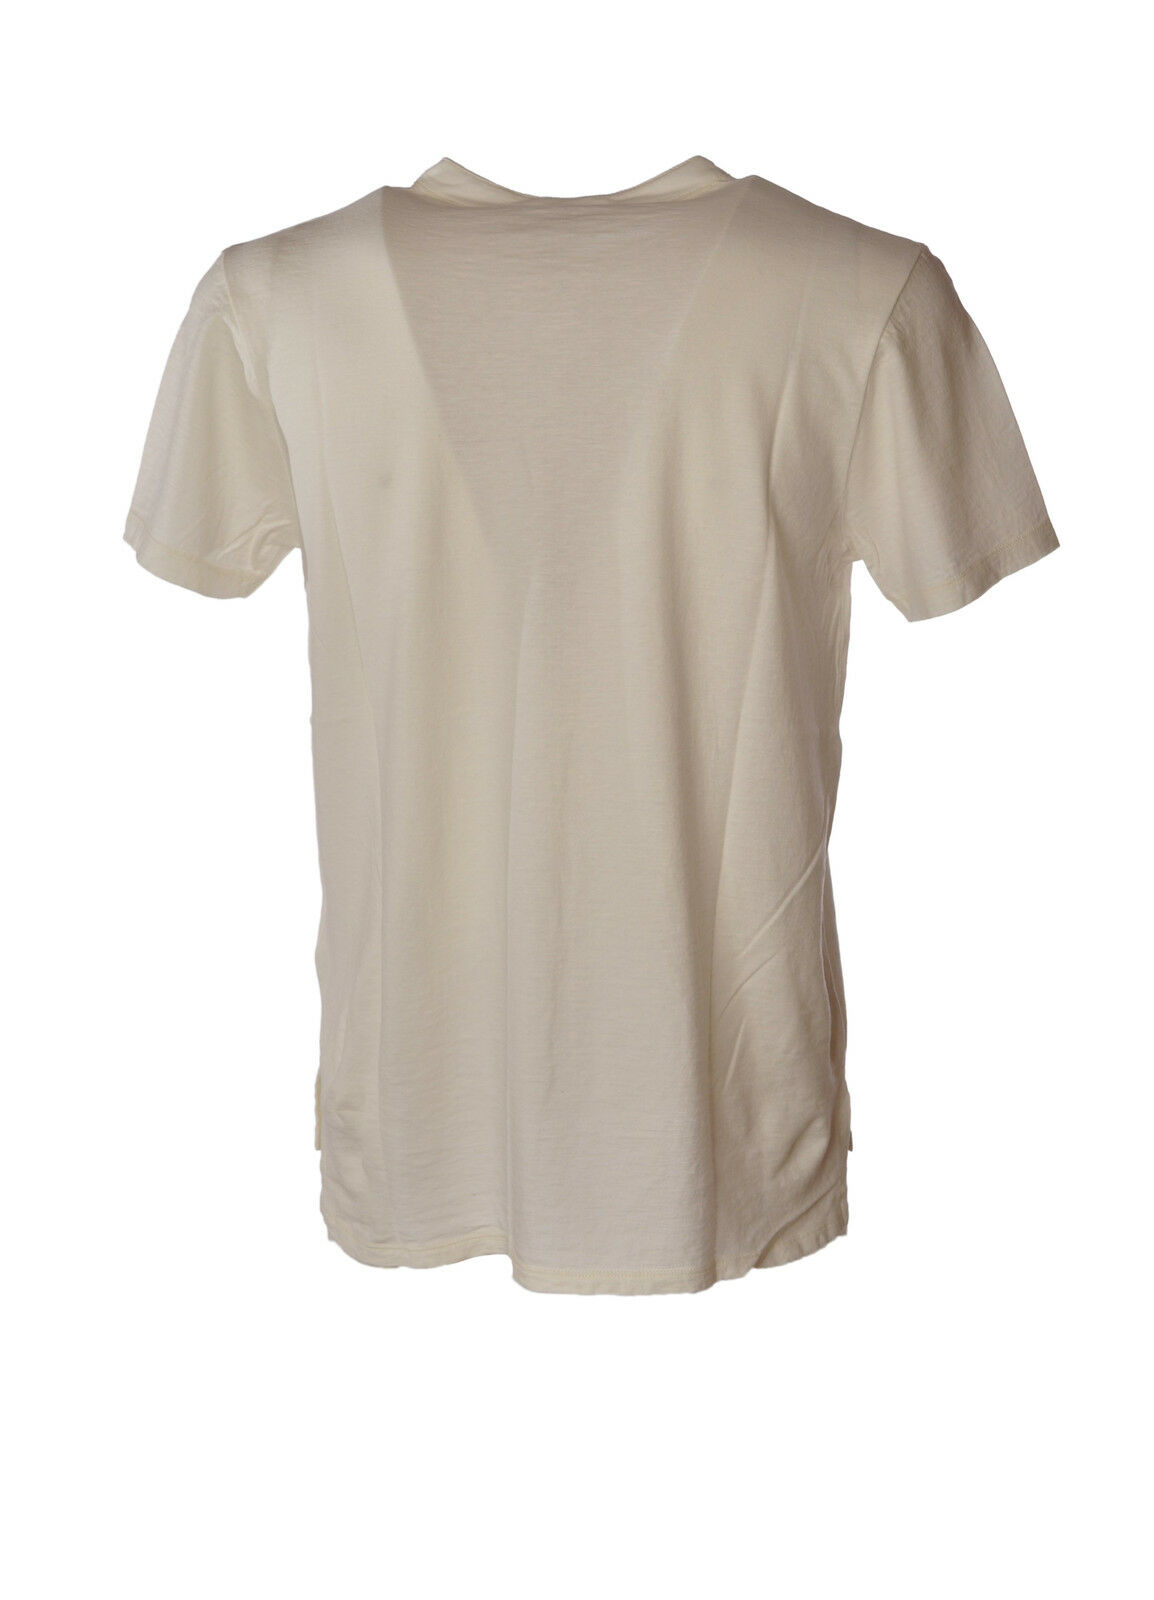 Diktat - - Topwear-T-shirts - Diktat Man - bianca - 3448002F184116 b9ffcf